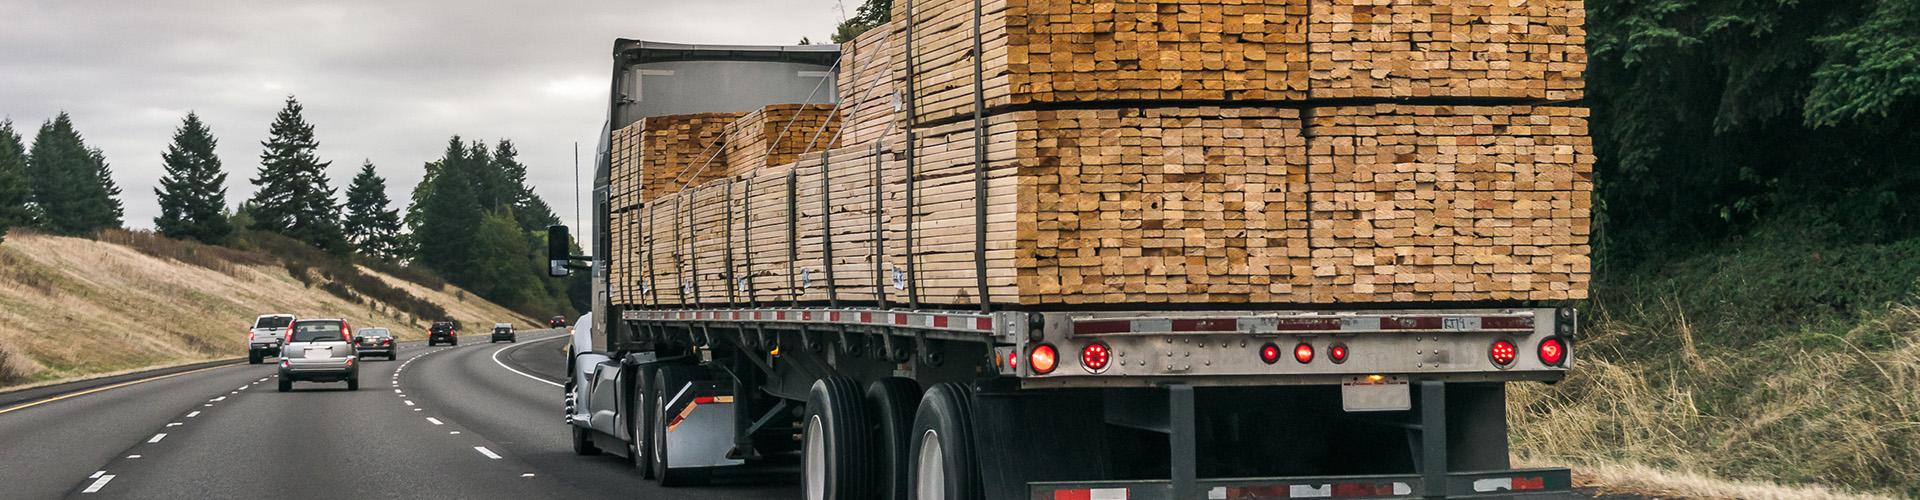 Lumber Insurance 18 Wheeler Banner